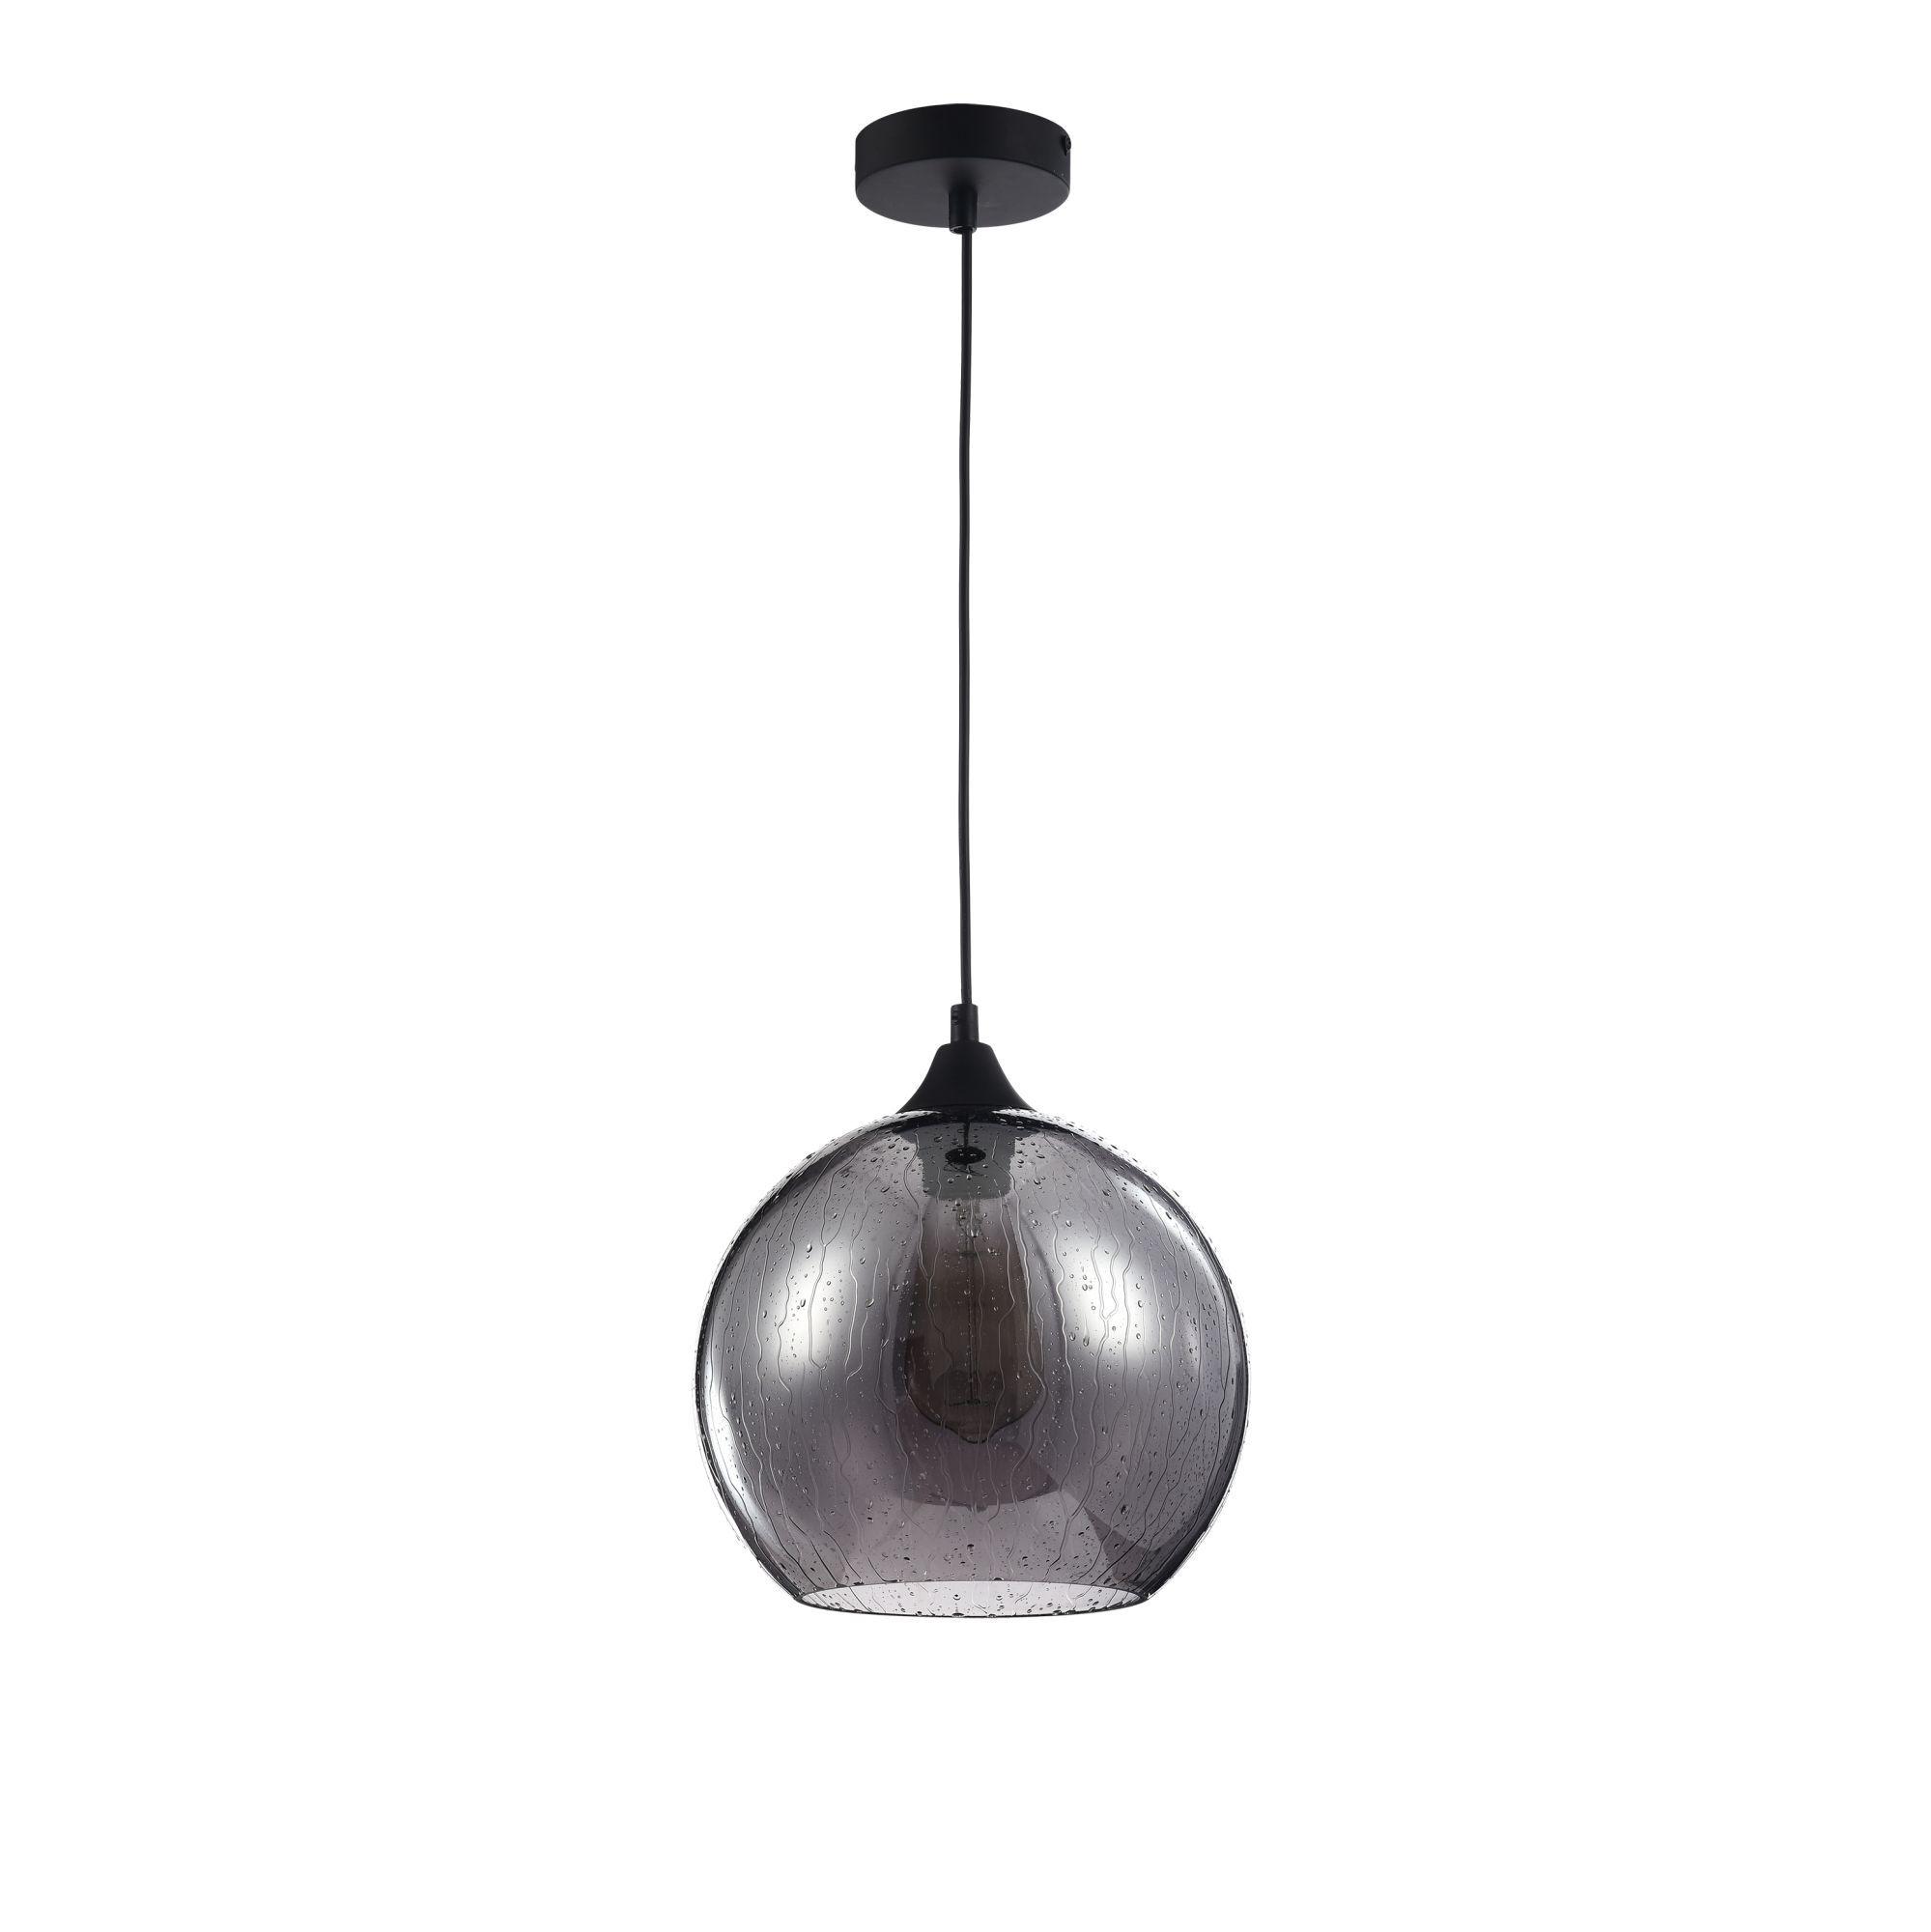 Подвесной светильник Maytoni Bergen T314-11-B, 1xE27x60W, черный, дымчатый, металл, стекло - фото 2